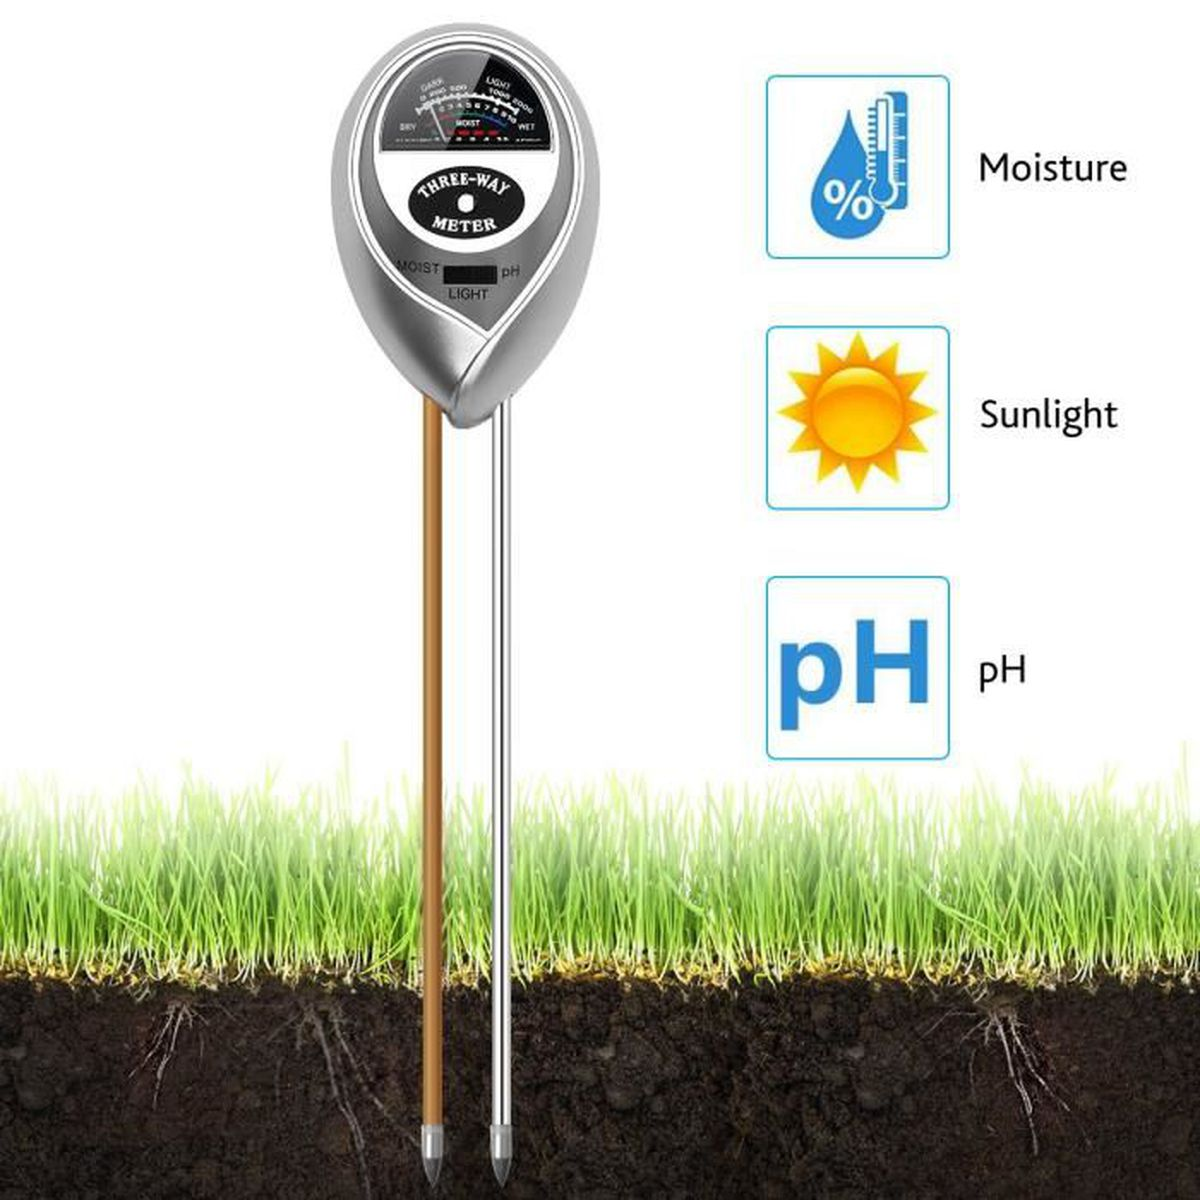 /Épreuve de lhumidit/é du sol de la lumi/ère et du pH Testeur de sol 3-en-1 M/ètre pour plantes int/érieures ou ext/érieures Fleurs Herbe et pelouse